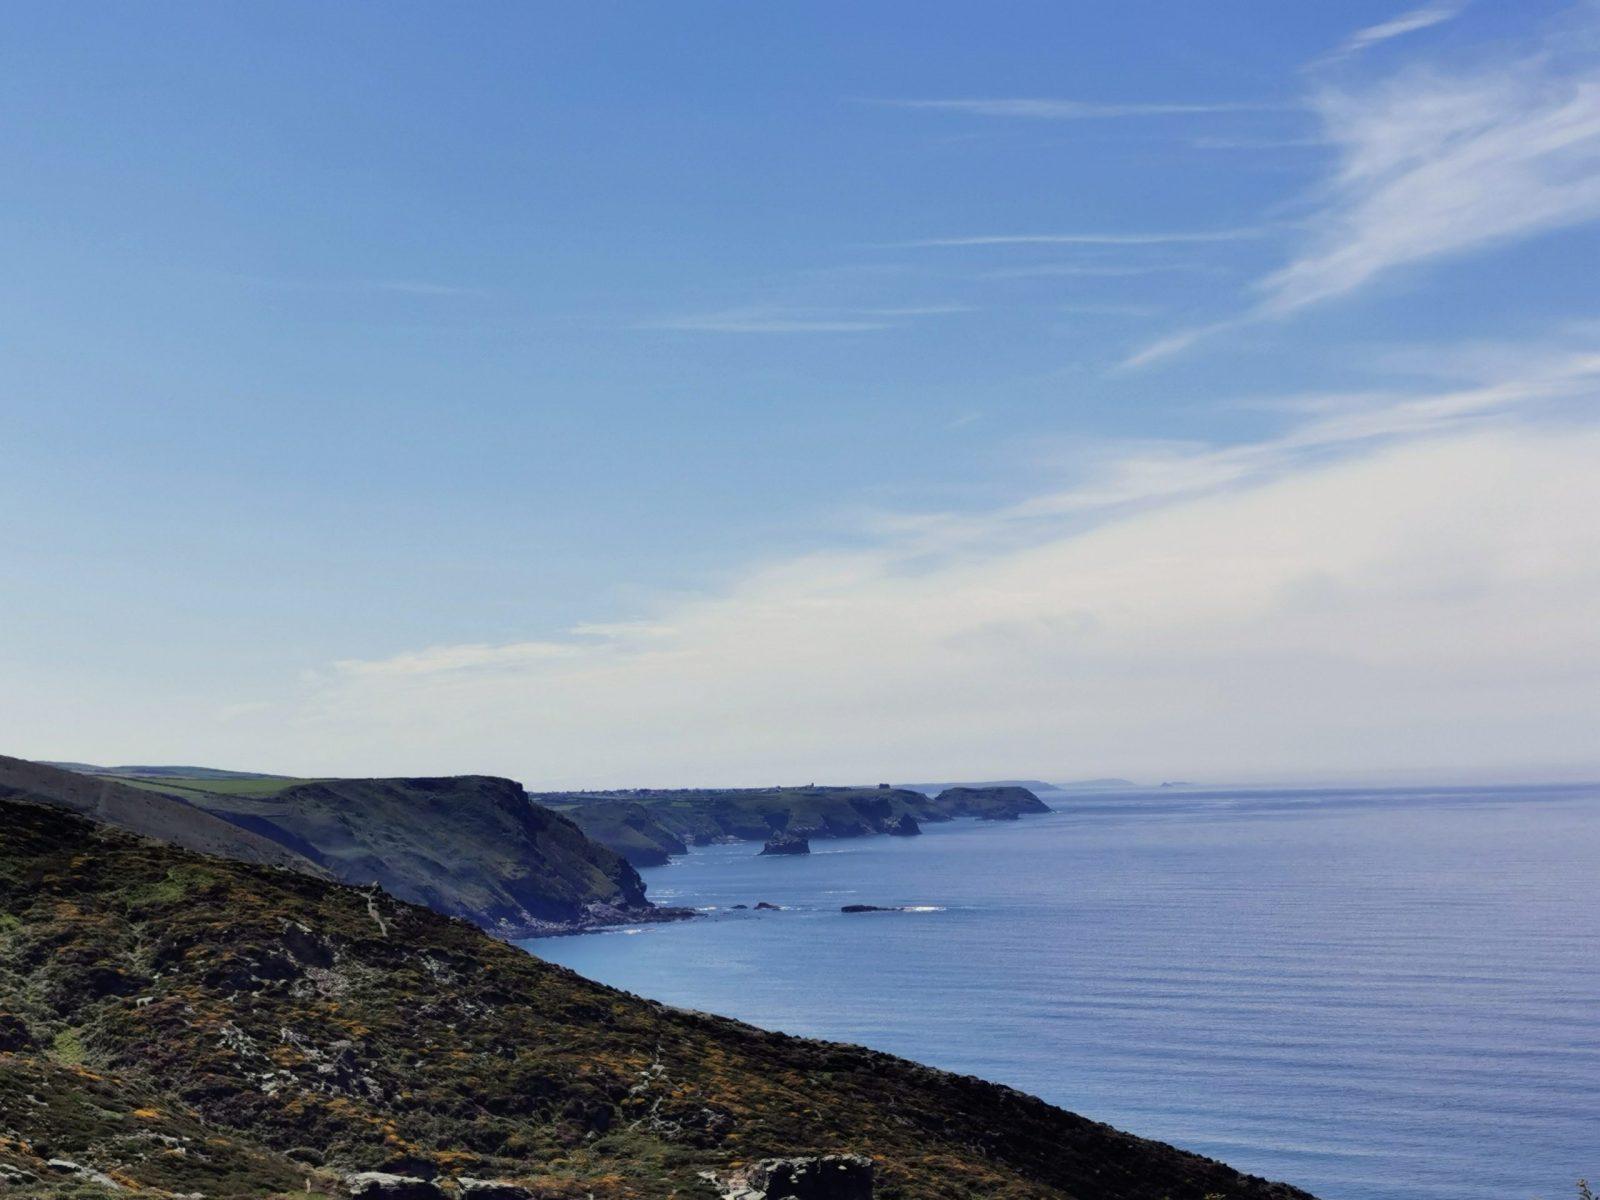 The Strangles Beach & Trail: A Hidden & Quiet Beach in Cornwall 5